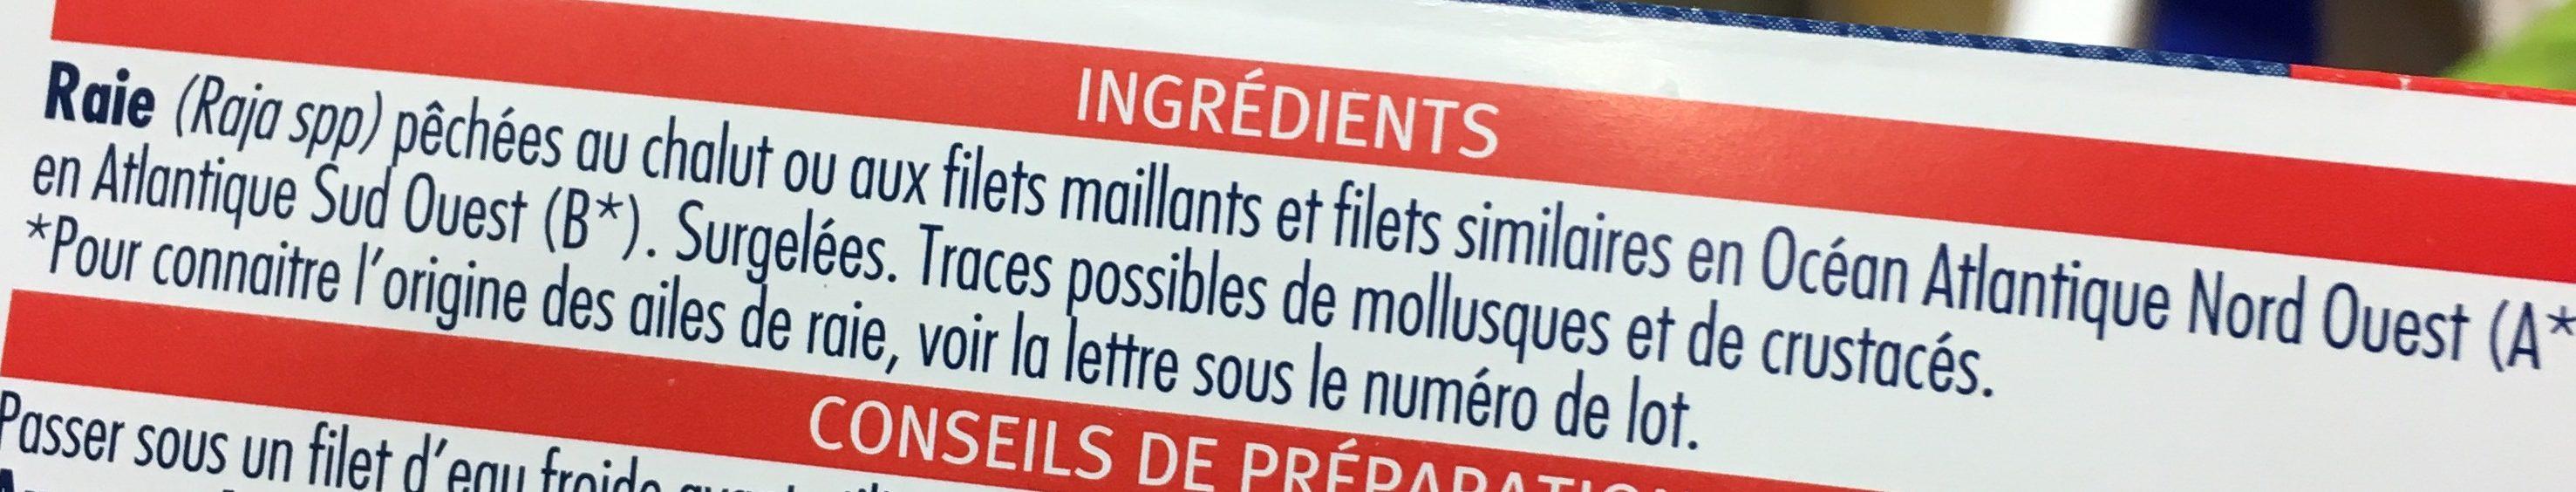 Ailes de raies pelees - Ingrédients - fr